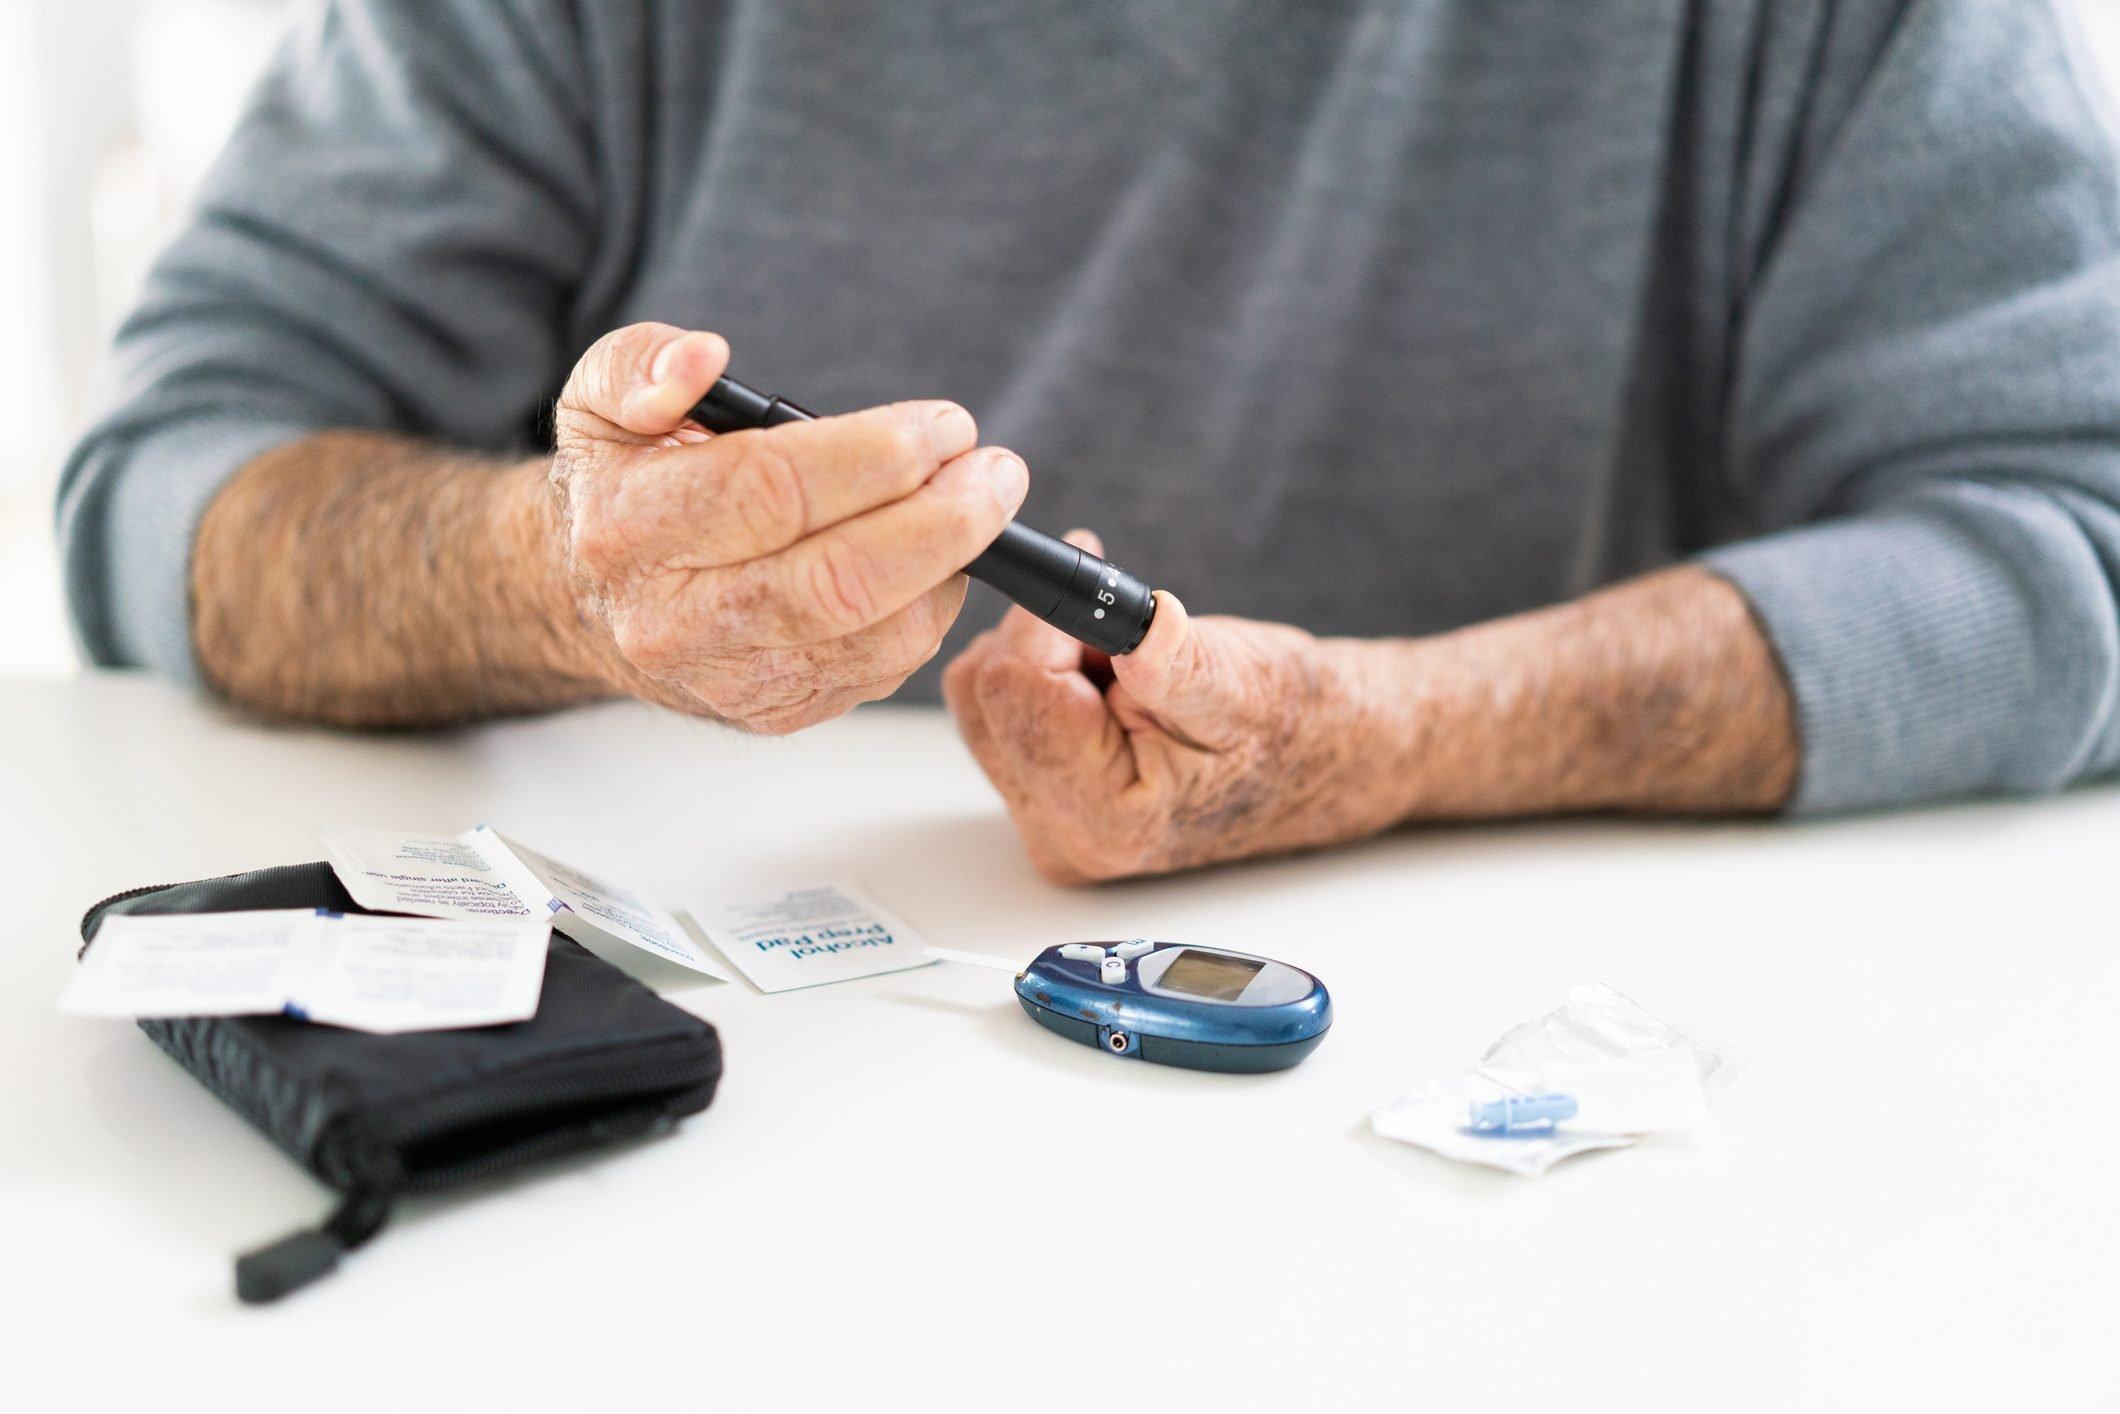 man with diabetes taking blood sugar